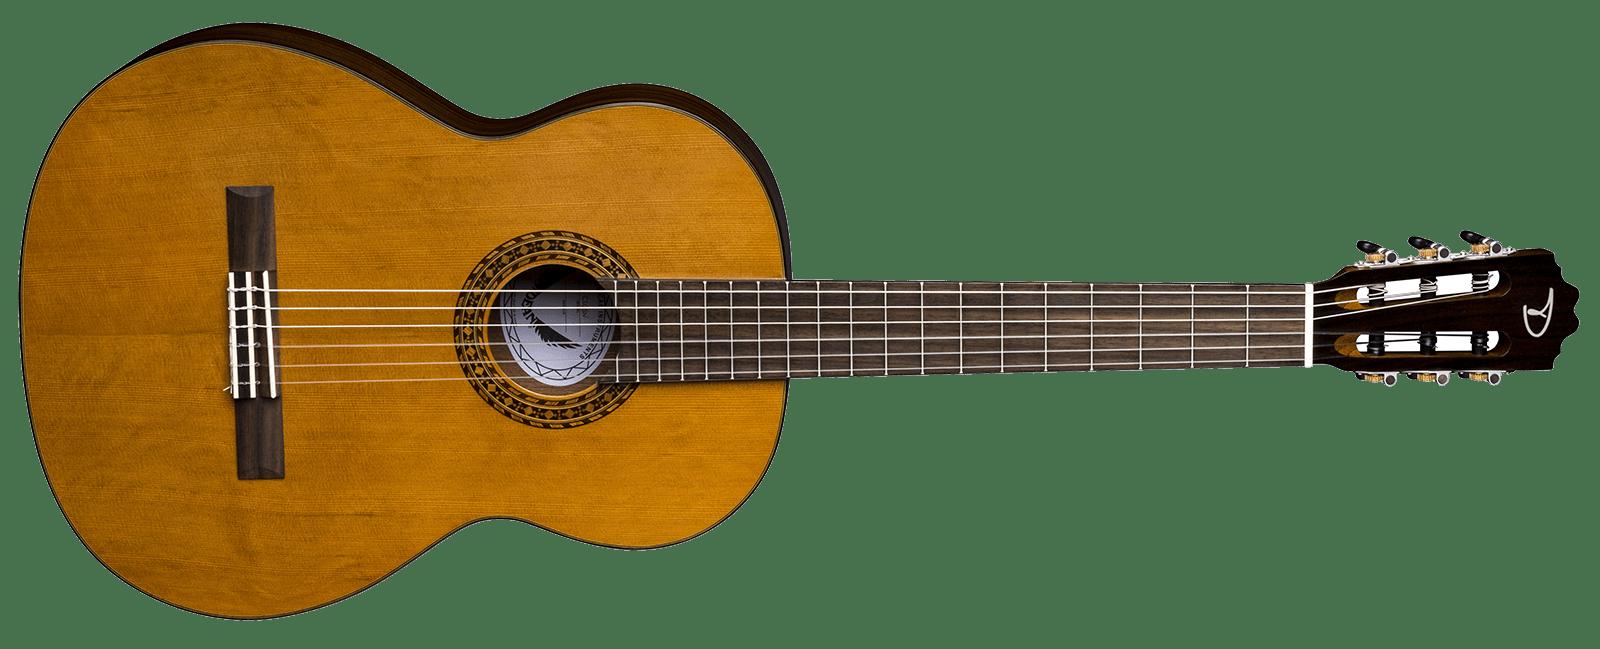 Clipart guitar country guitar. Espana classical solid cedar